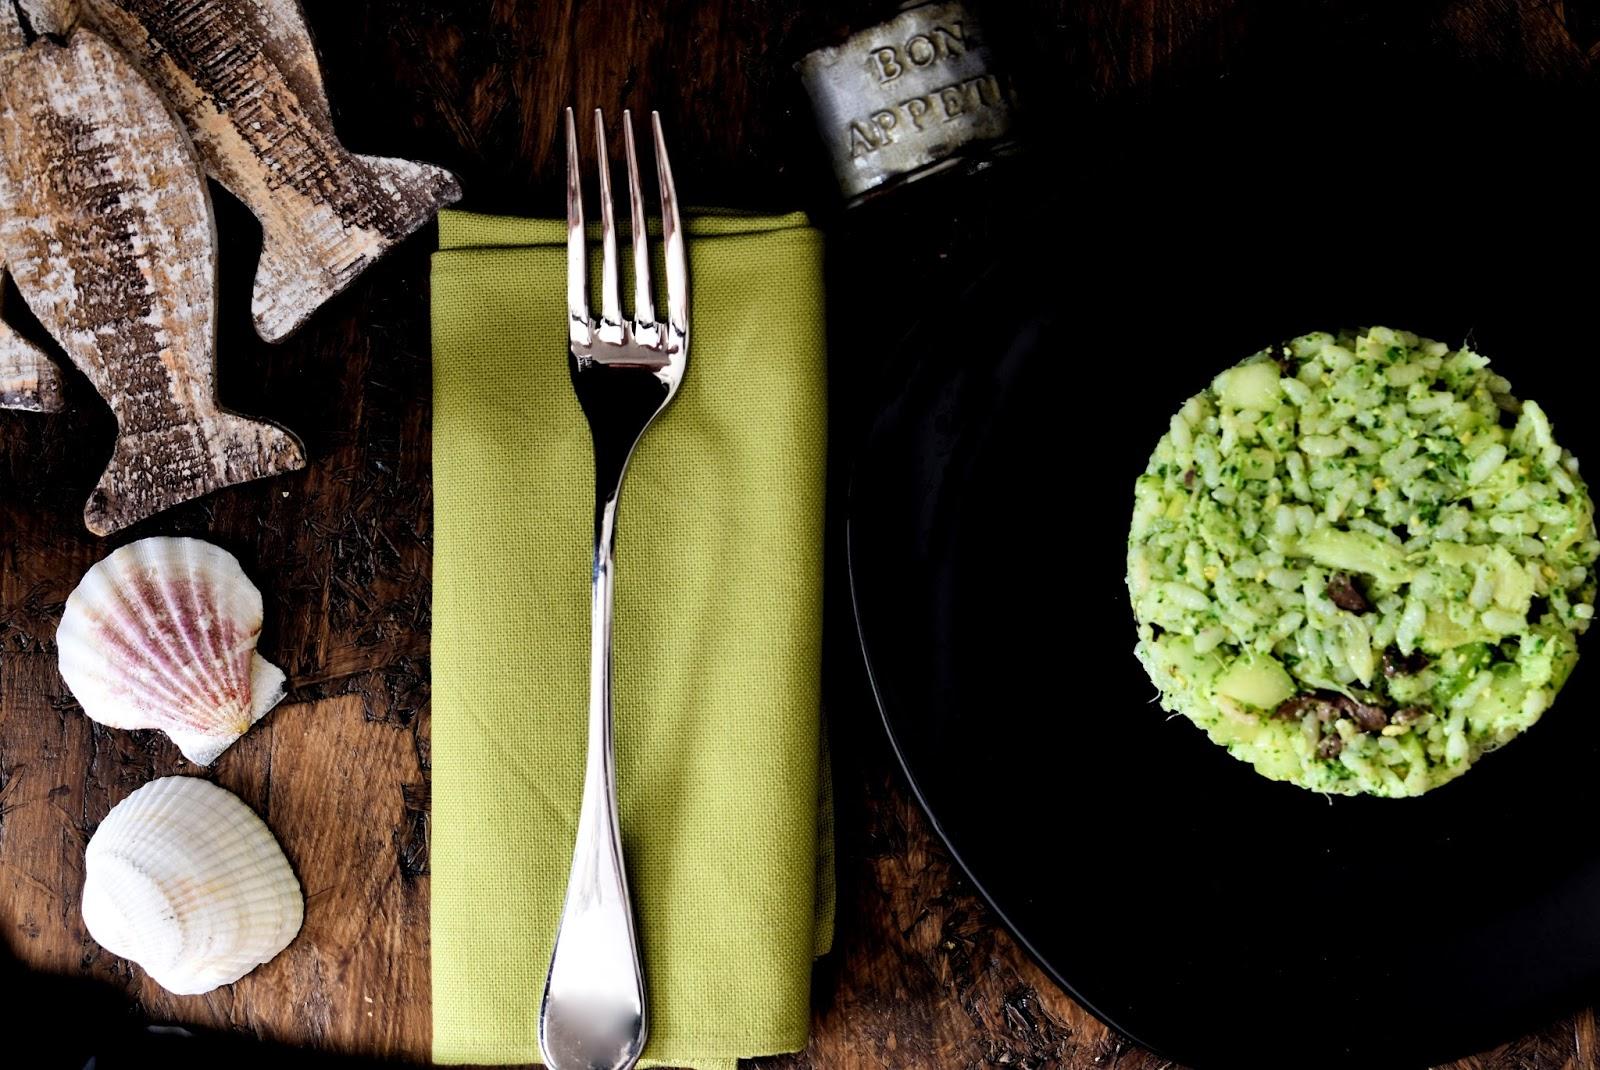 Riso freddo con pesto di rucola, baccalà sottolio, olive, sedano e cetrioli